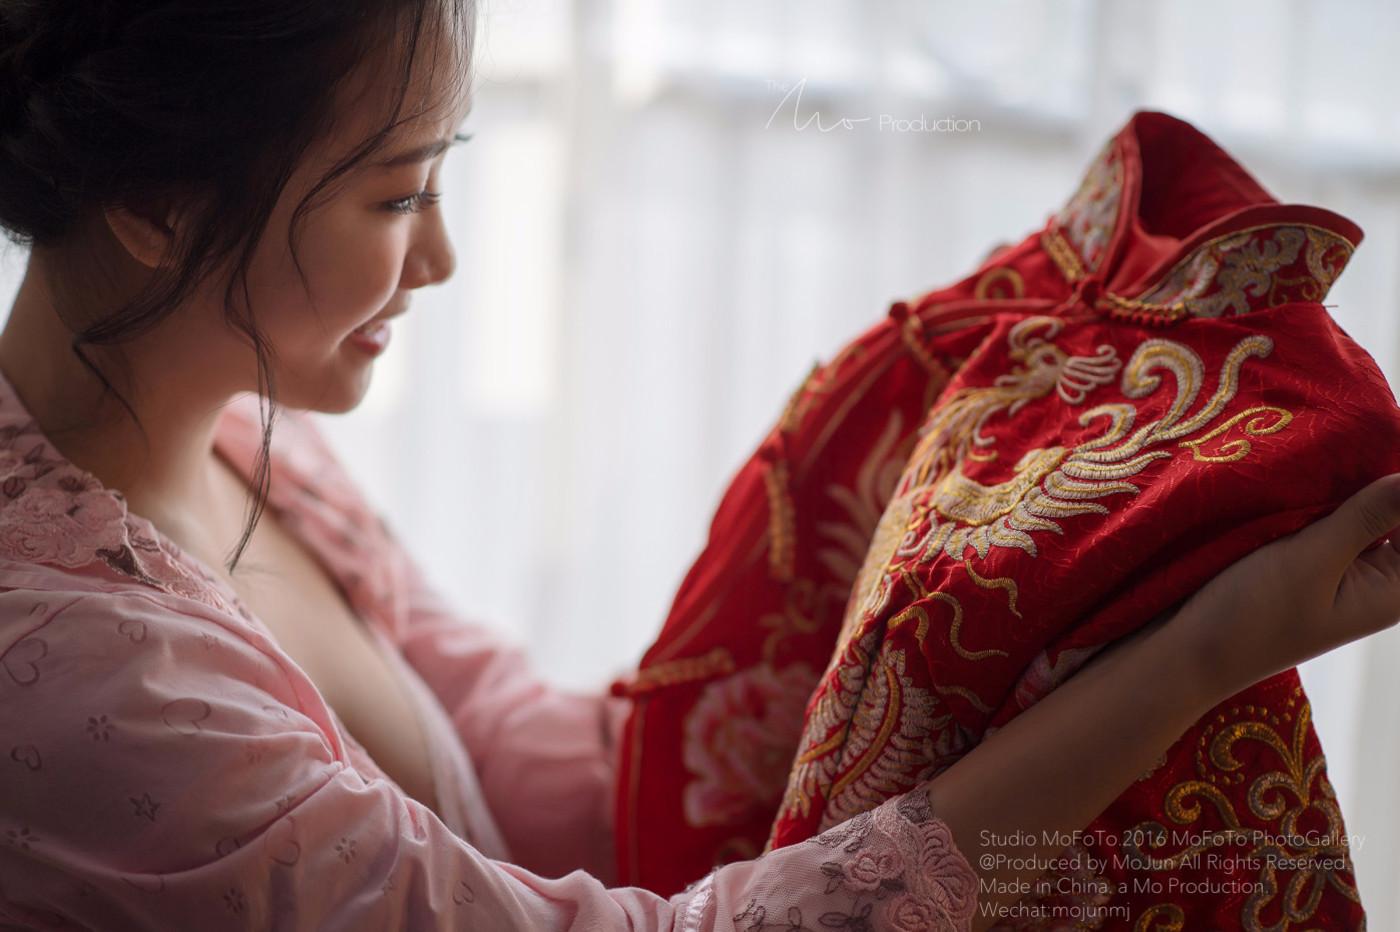 MoFoTo 婚礼作品合集12